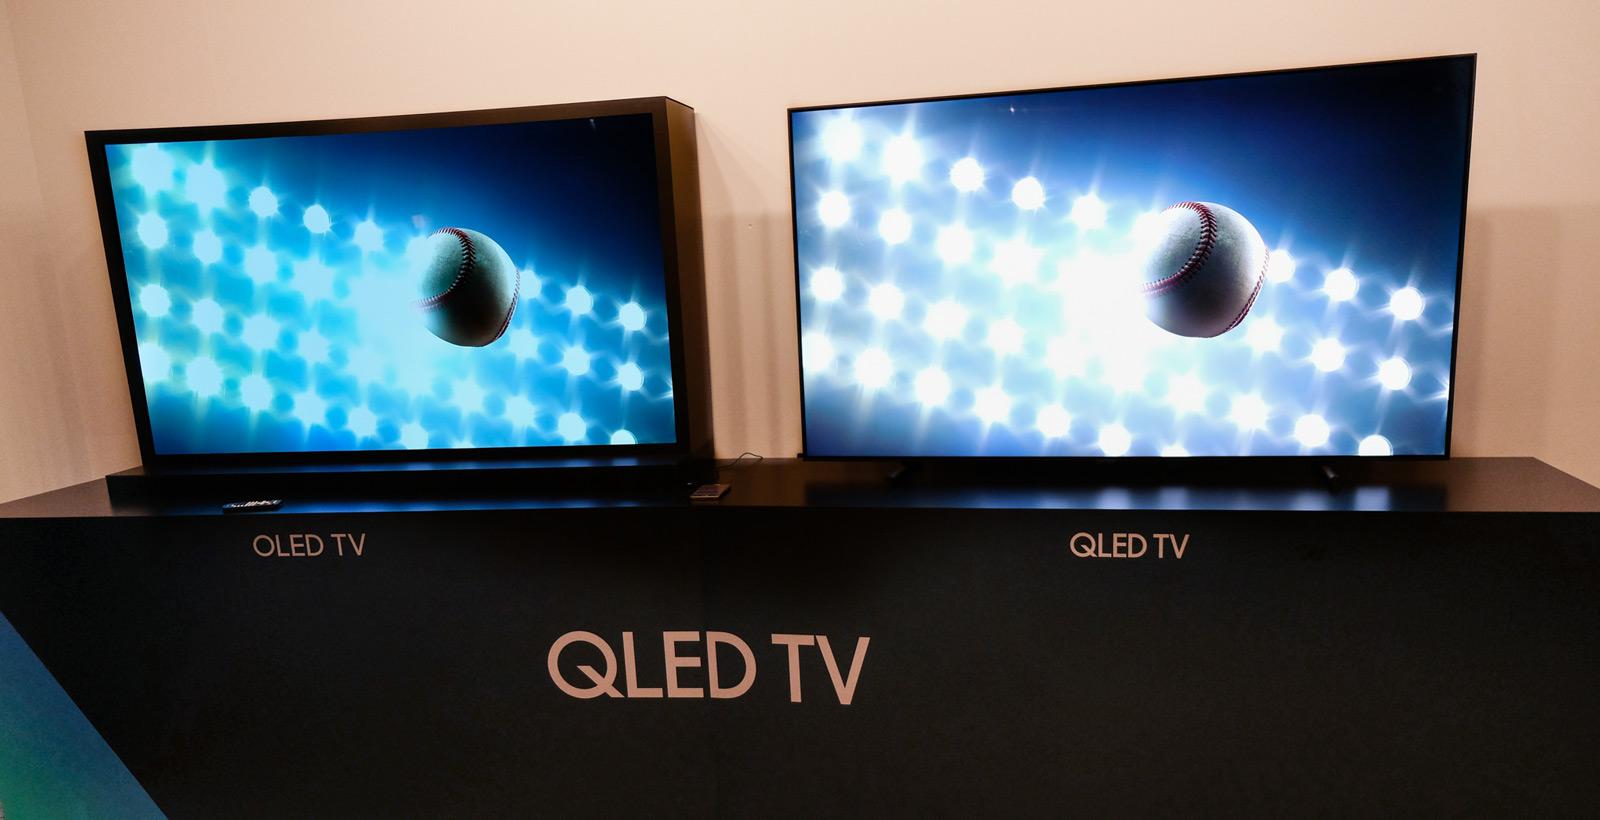 Comparaison entre un téléviseur OLED et QLED (Photo: The Verge).